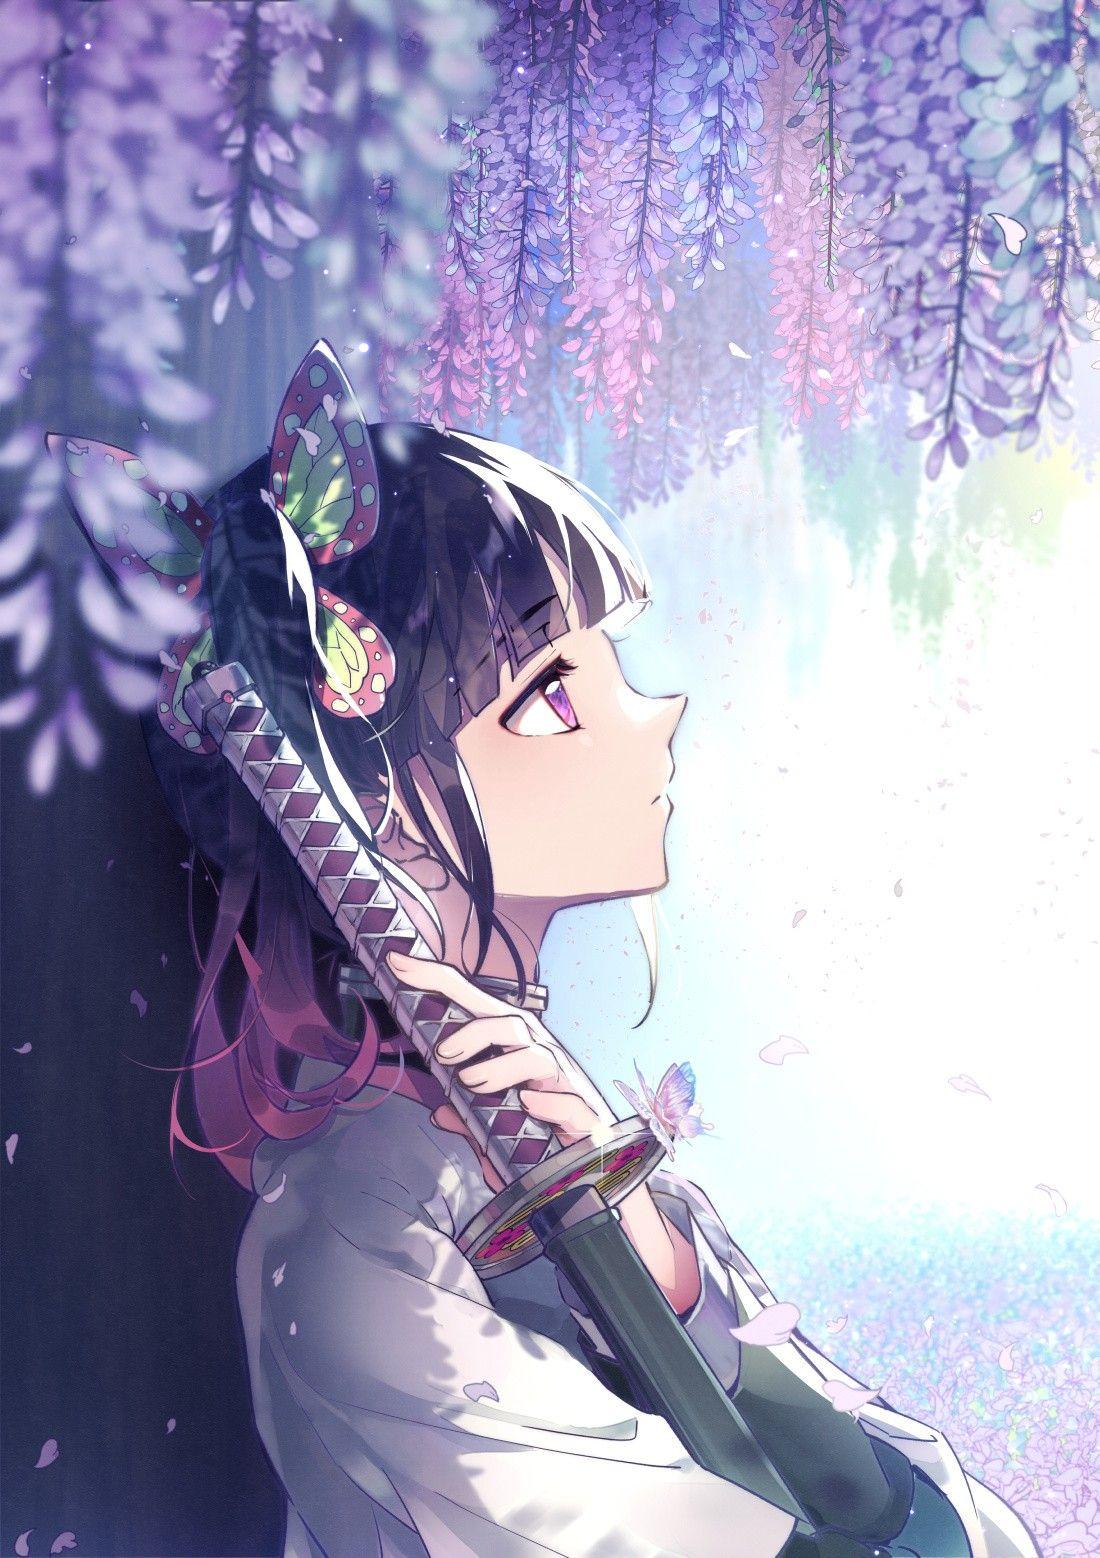 anime 26【2020】 レム かわいい, アニメの描き方, イラスト